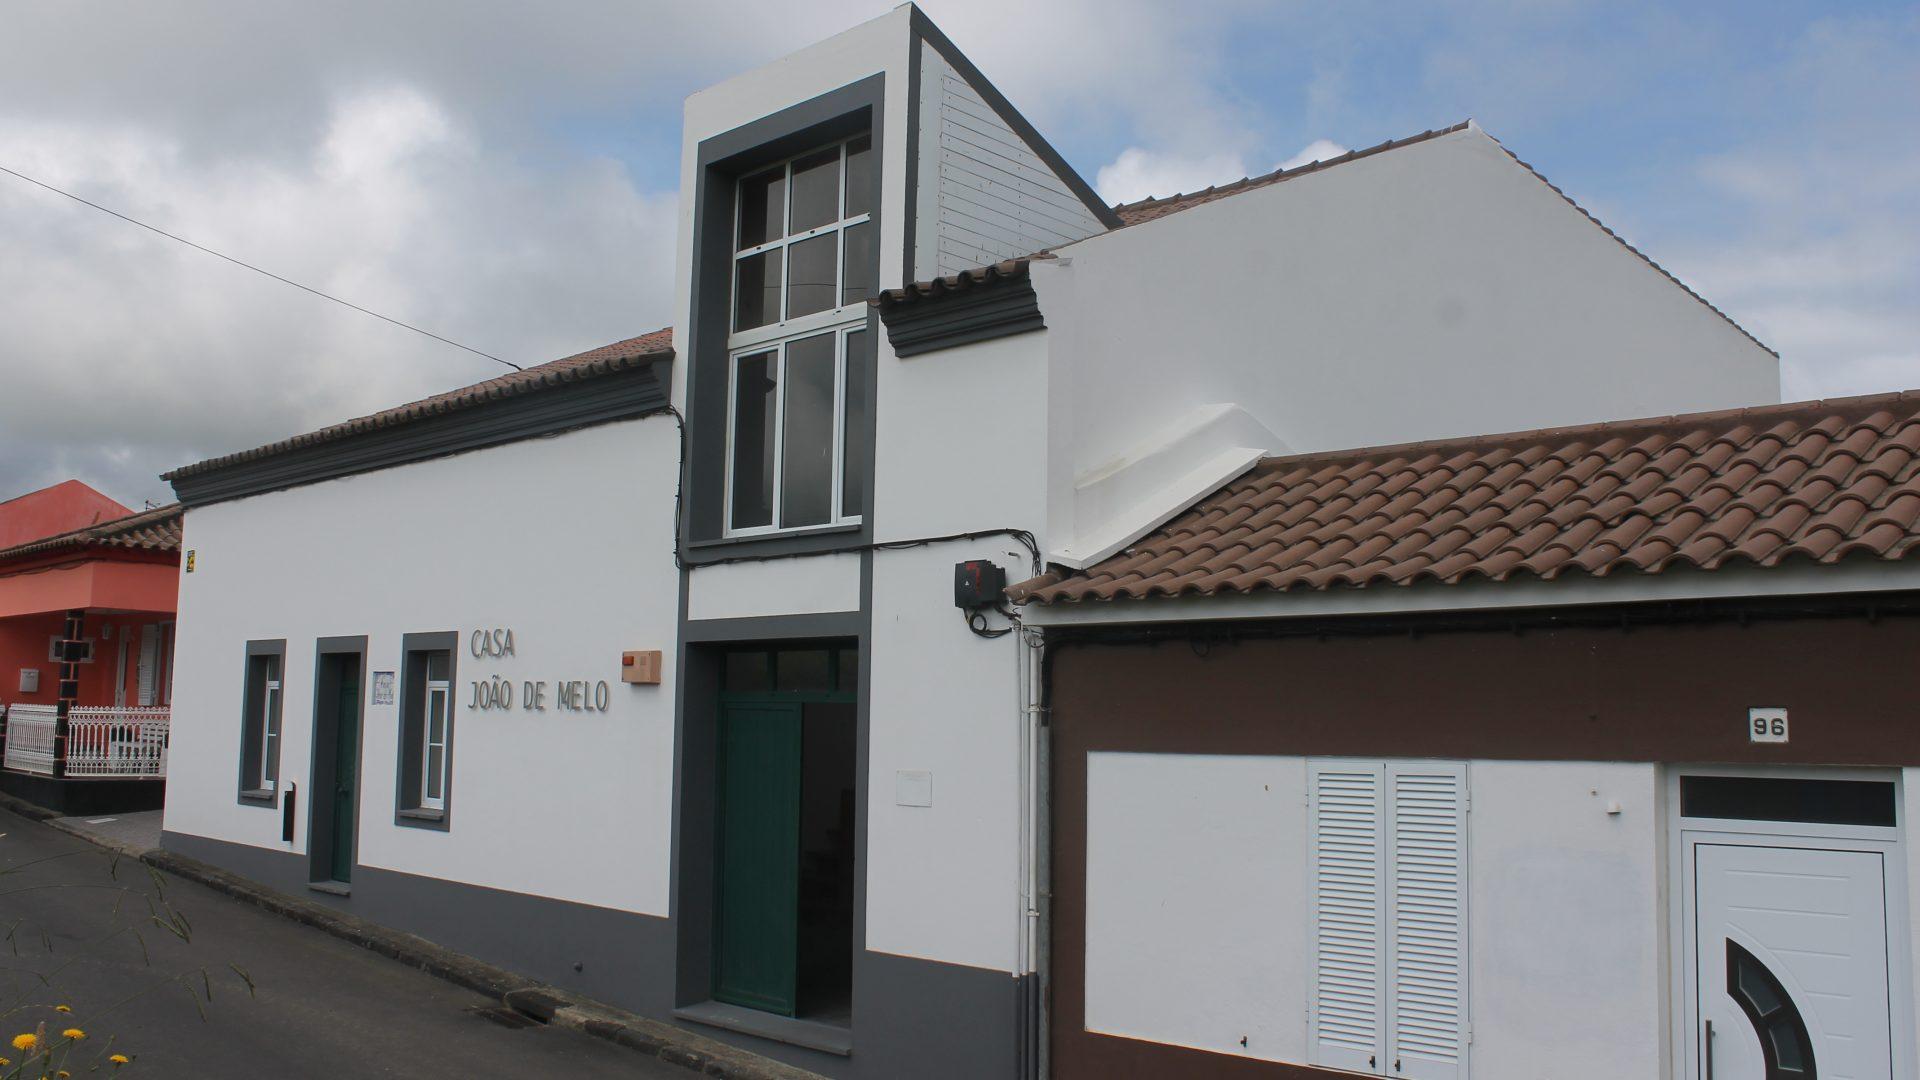 Casa João de Melo - Apresentação